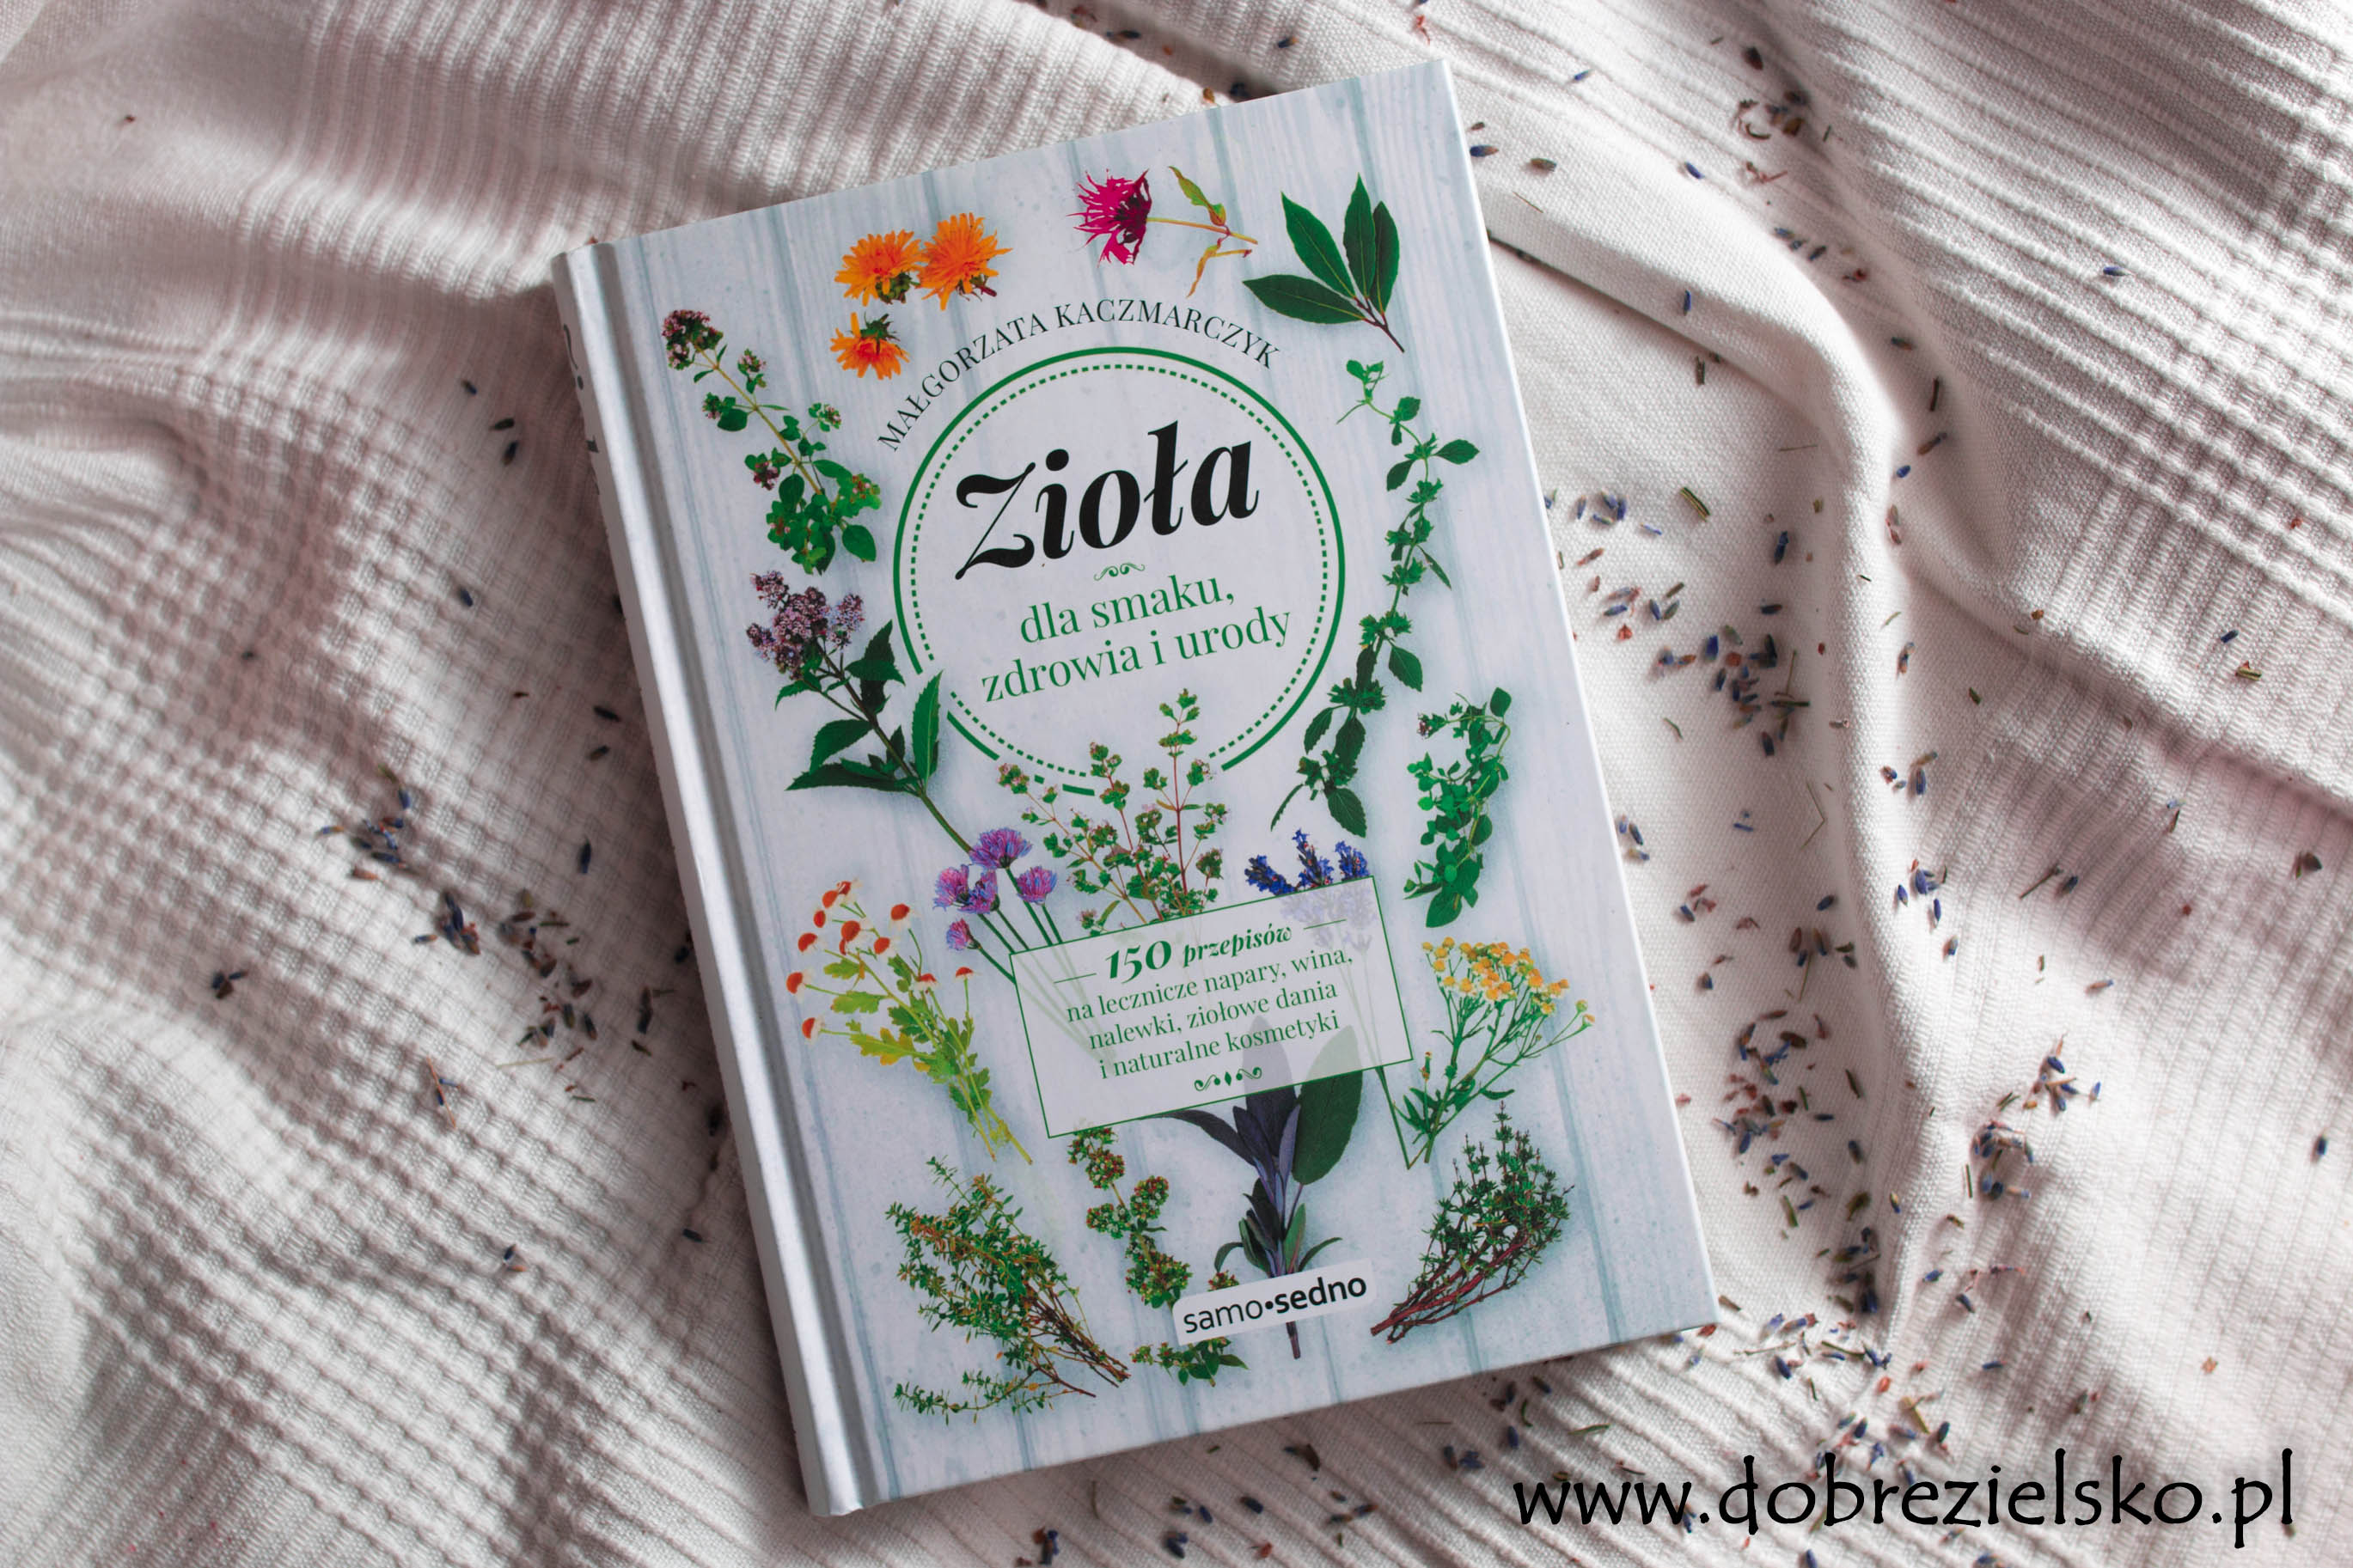 Książka zioła dla smaku, zdrowia i urody